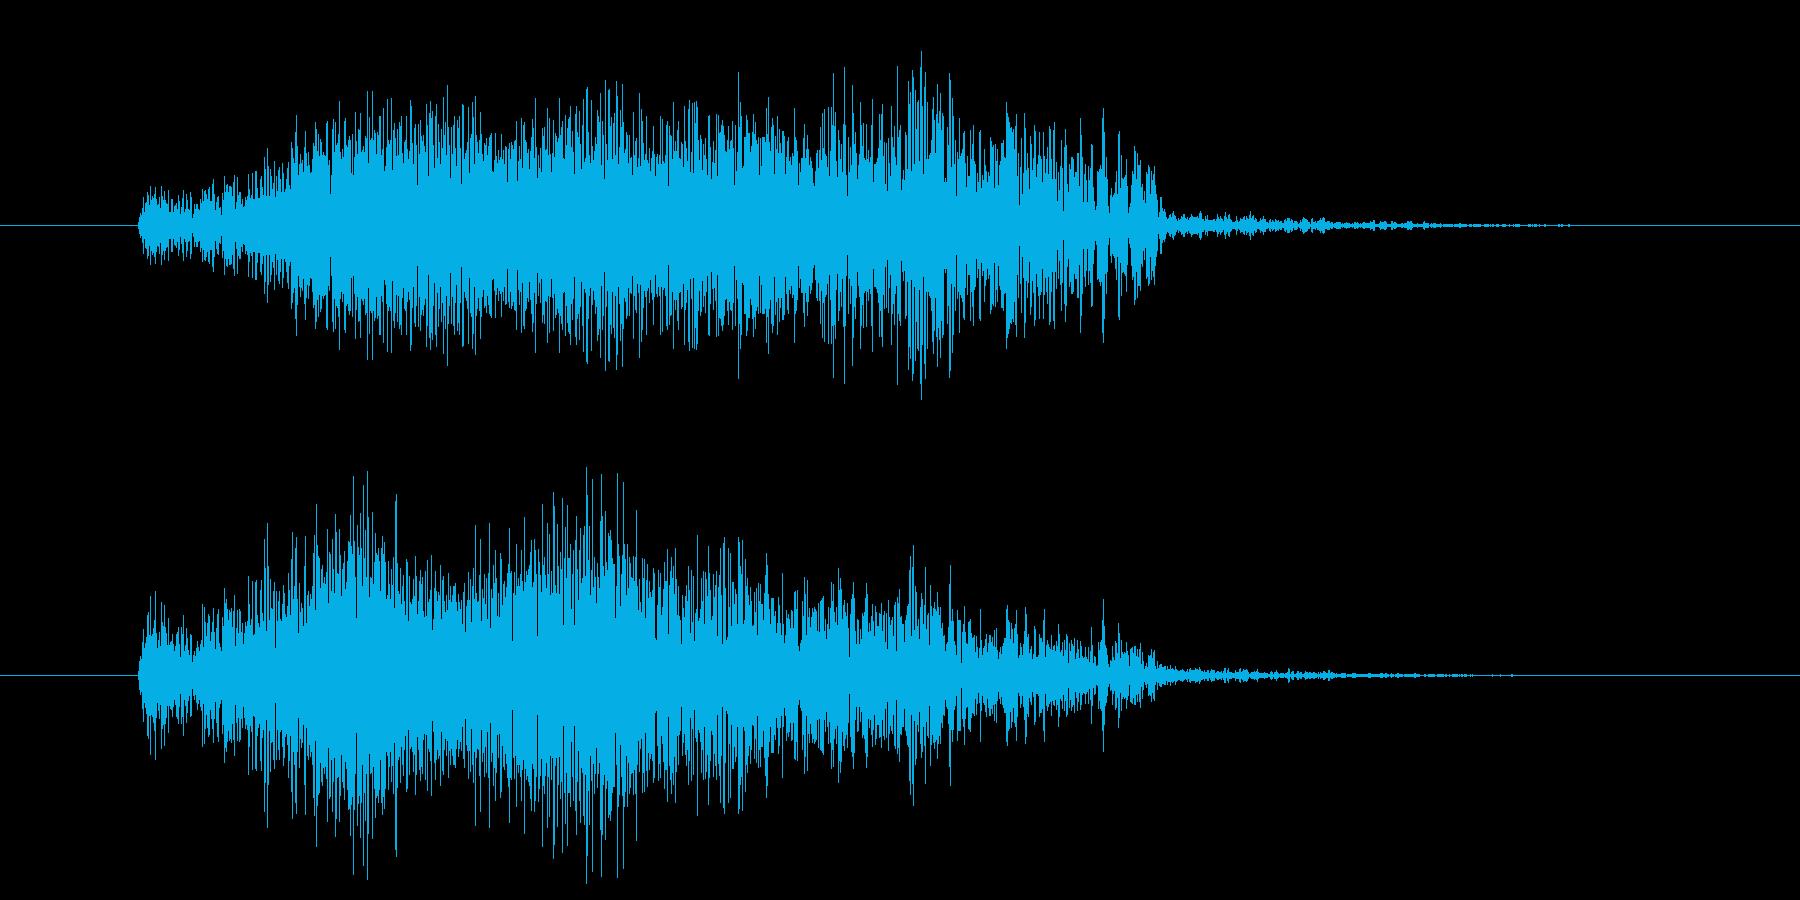 オルガン 【グリッサンド音】 ギャーンの再生済みの波形